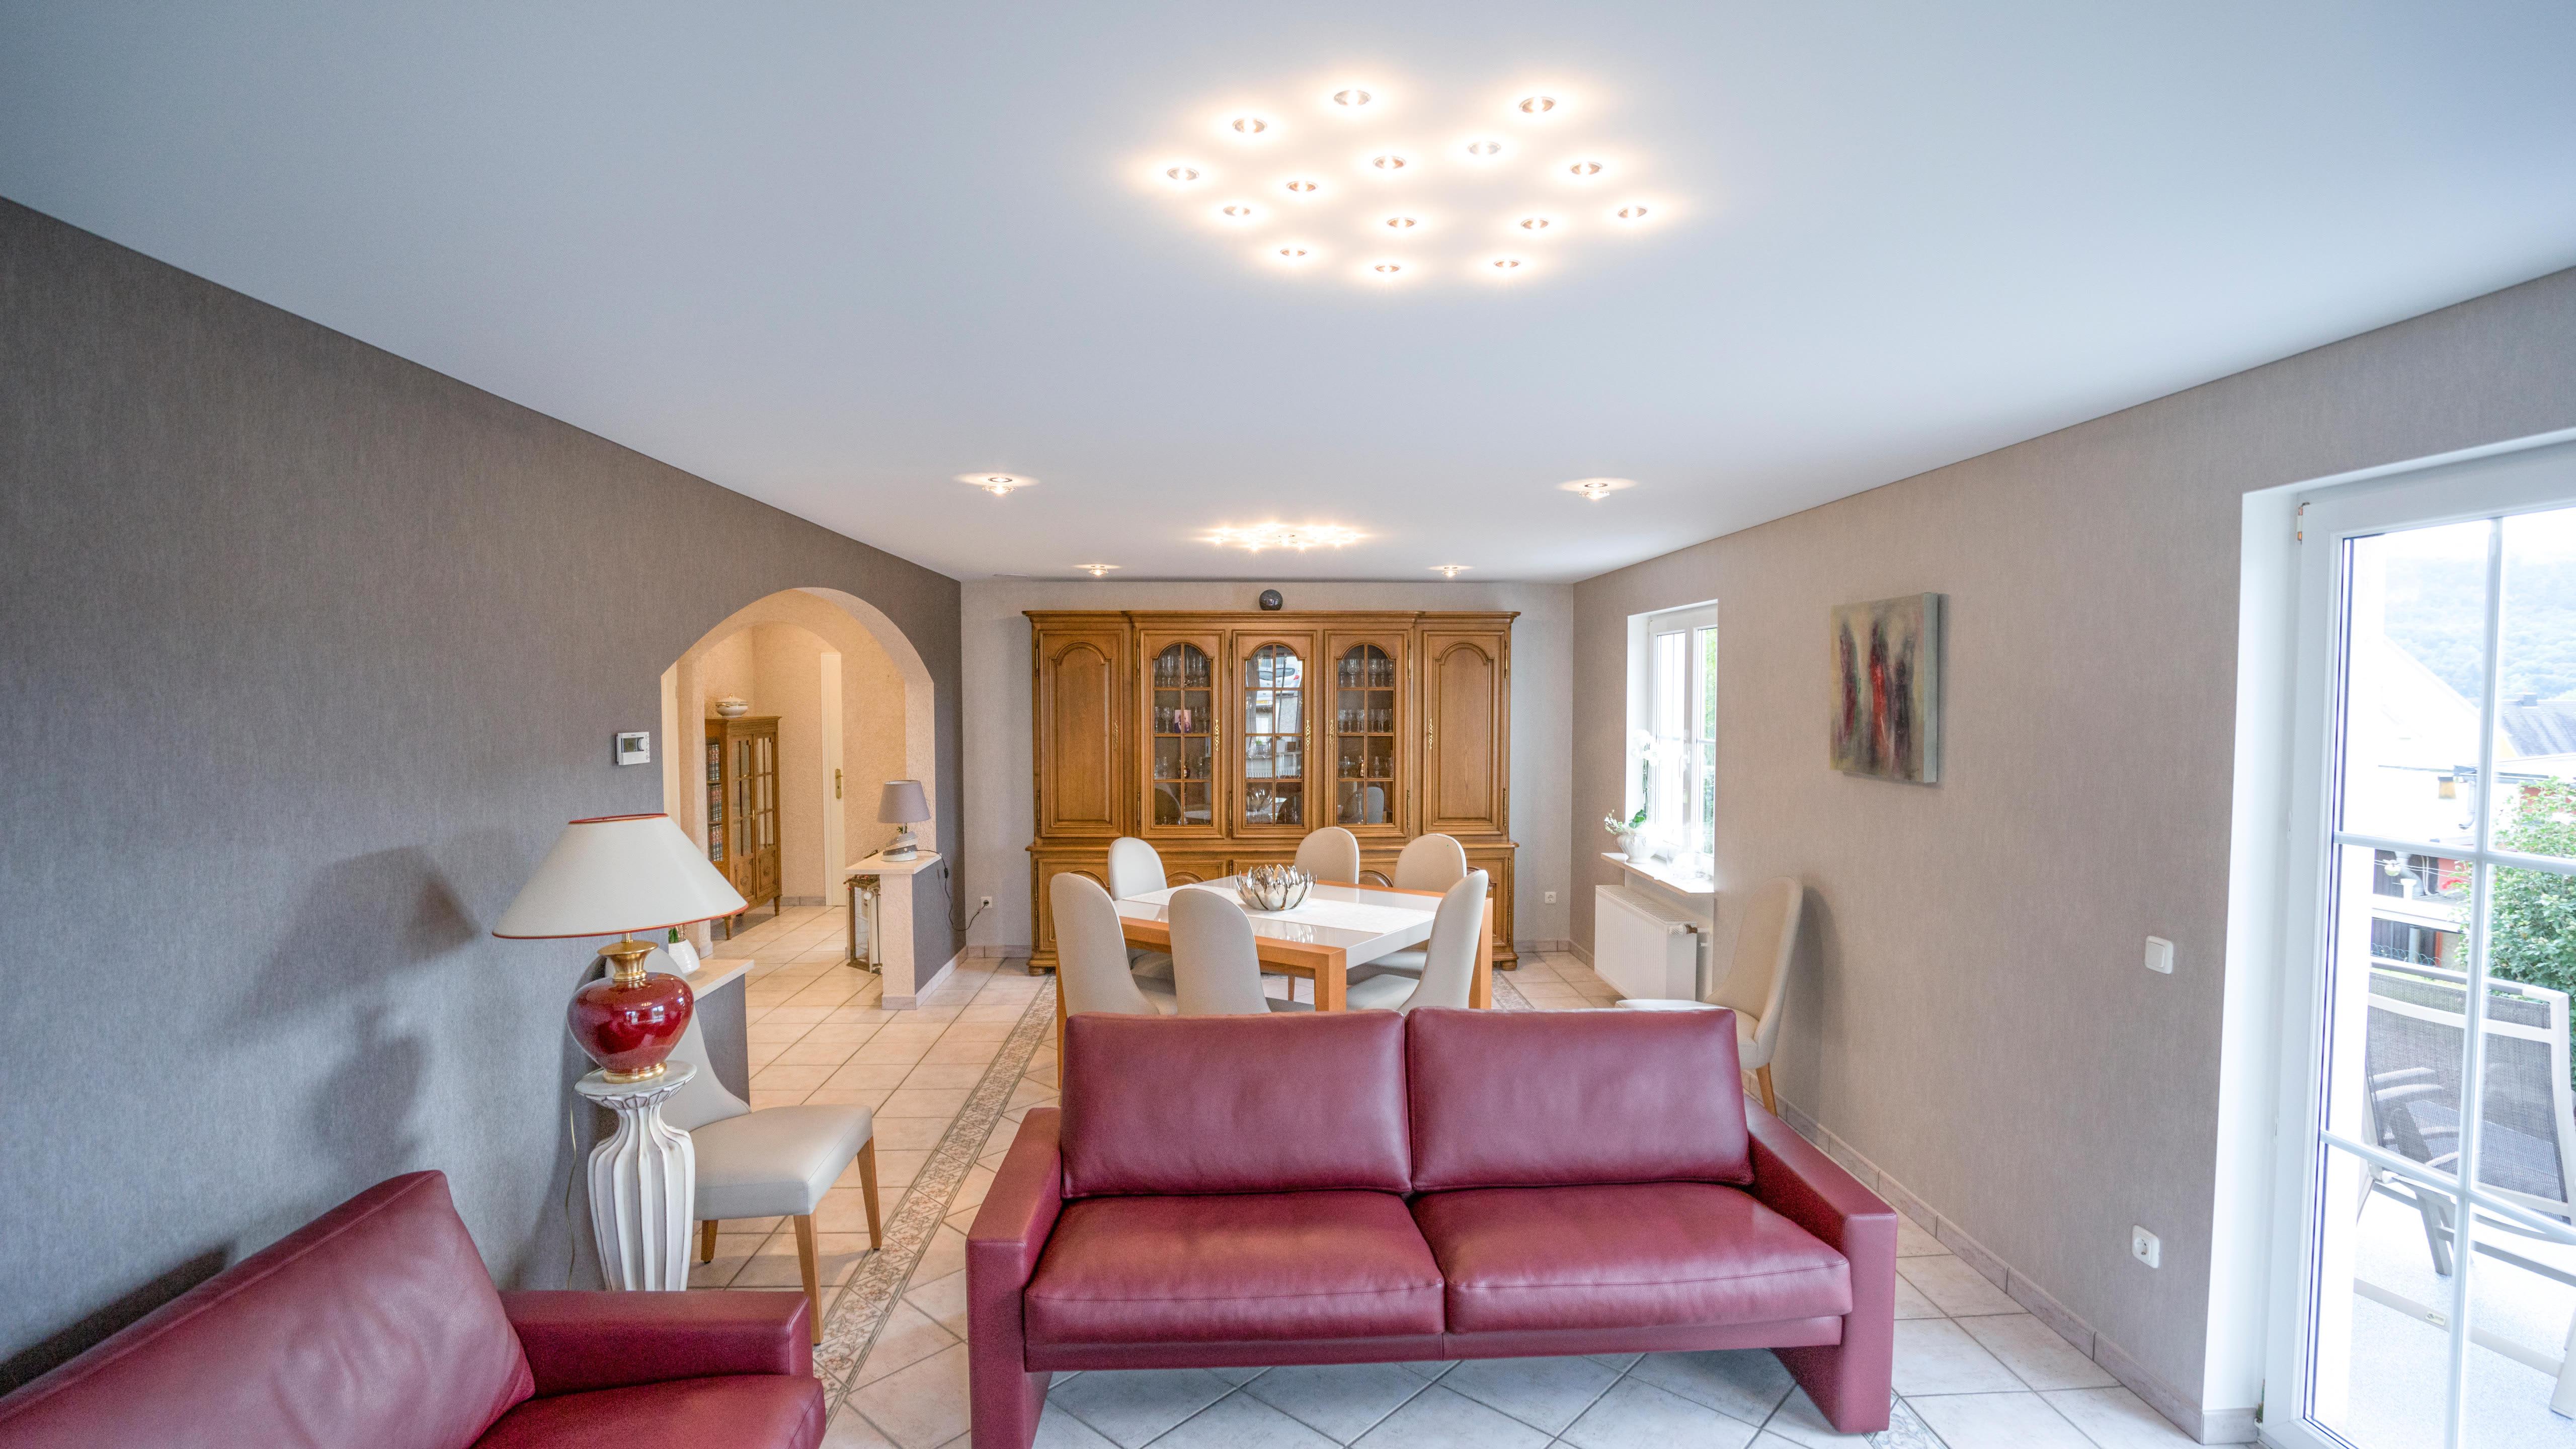 Trotz abgehängter Spanndecke (ca. 60 mm) wirkt der Raum nun freundlich, hell und einladend.